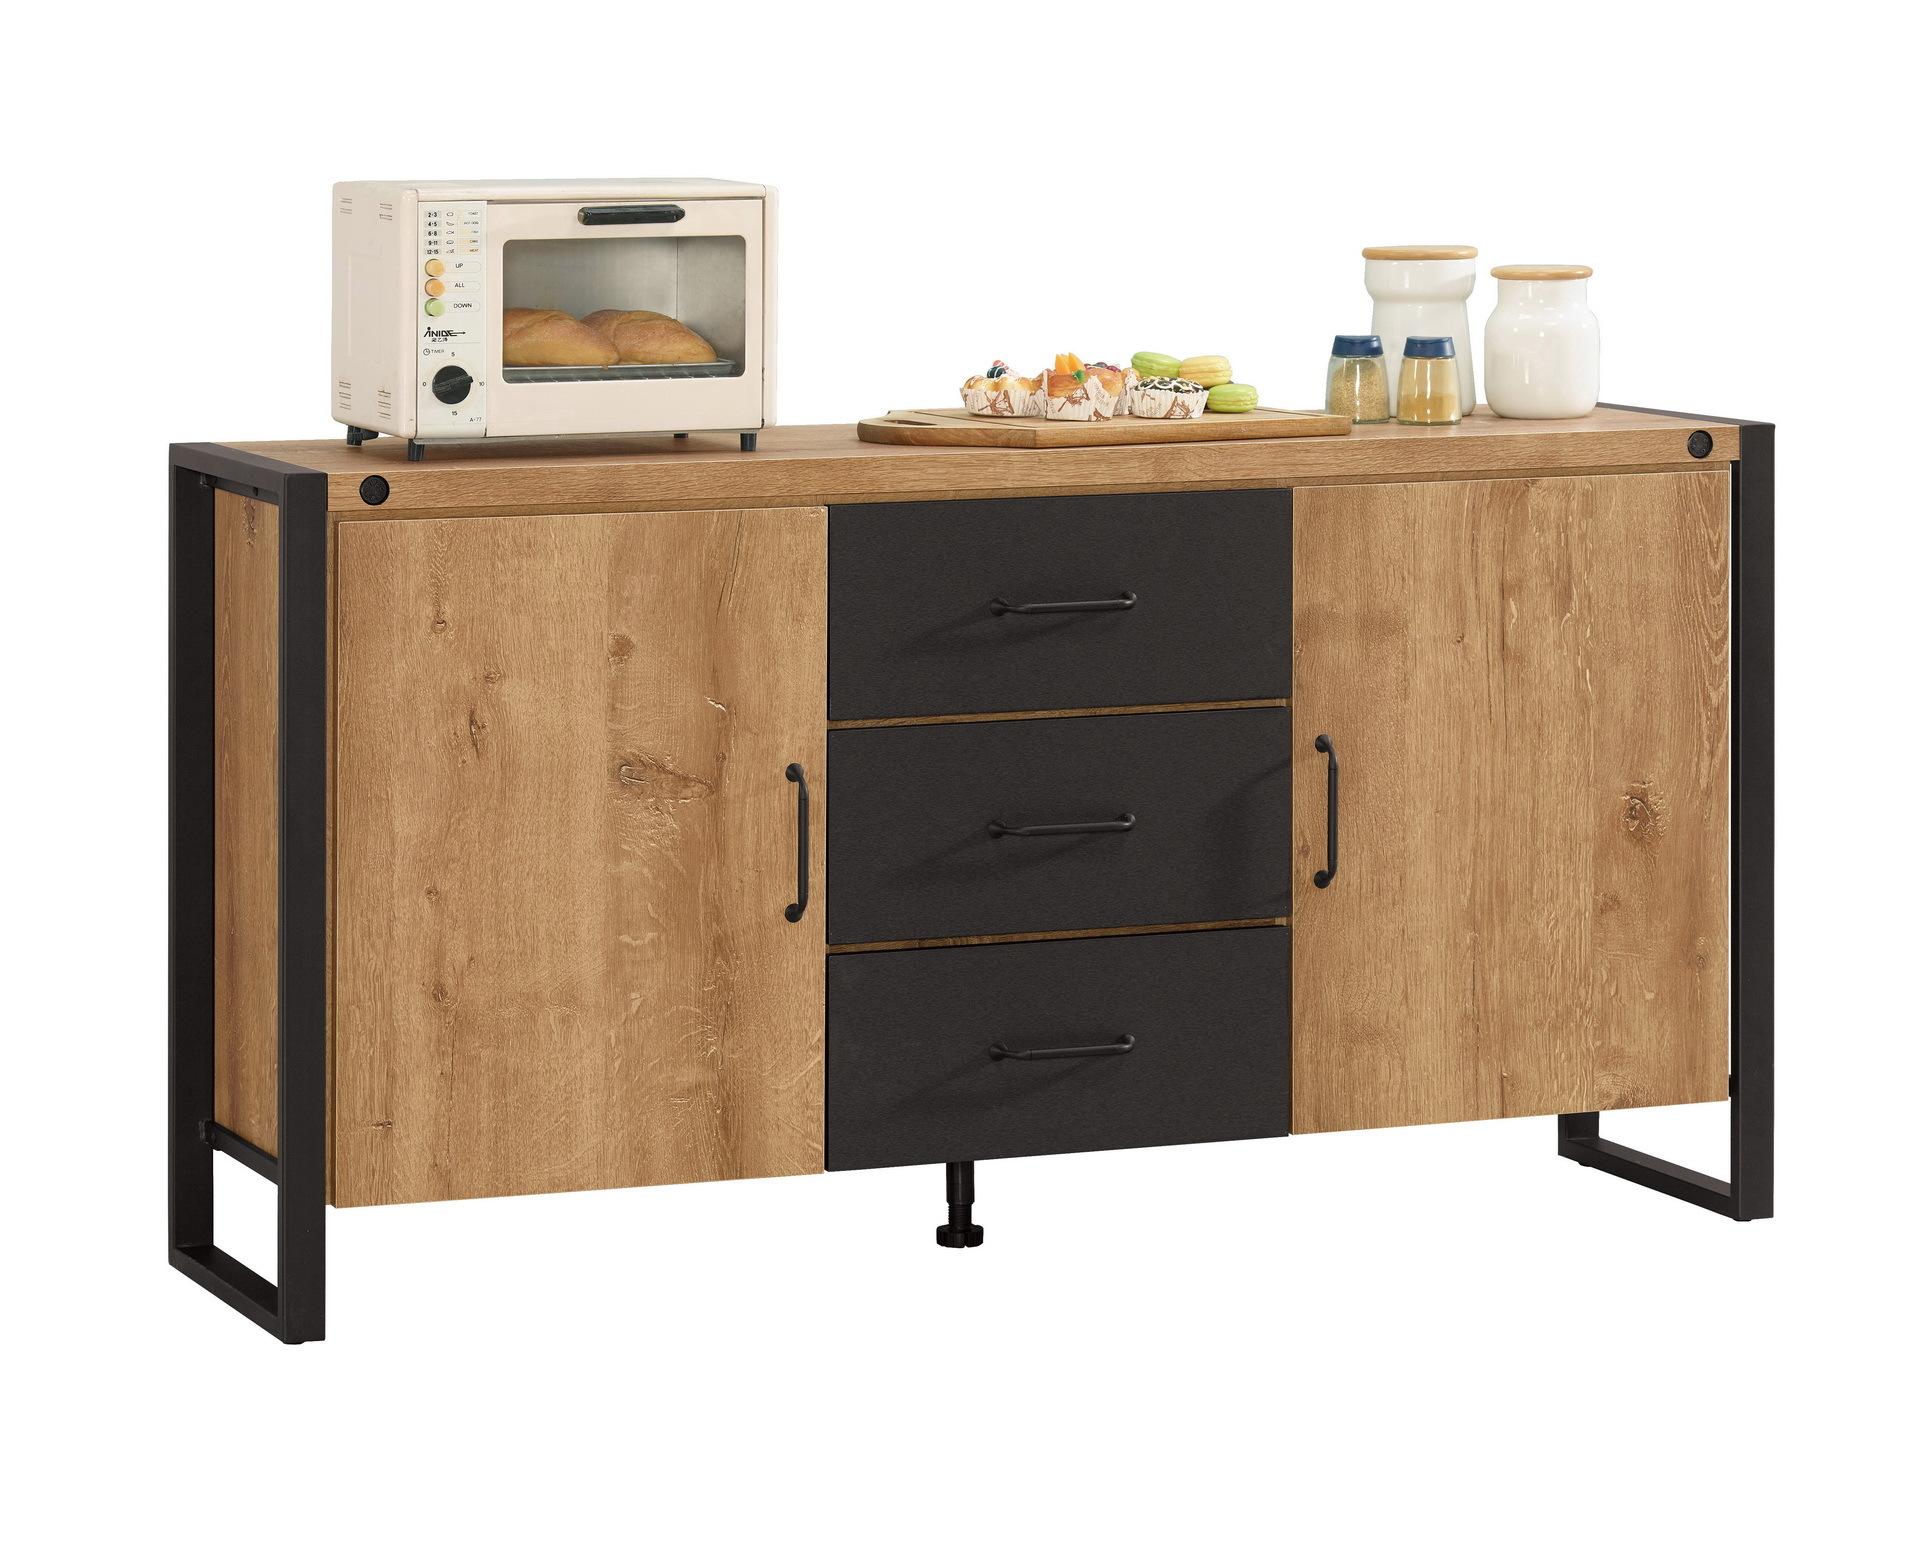 402-3 布朗克斯5尺餐櫃.jpg